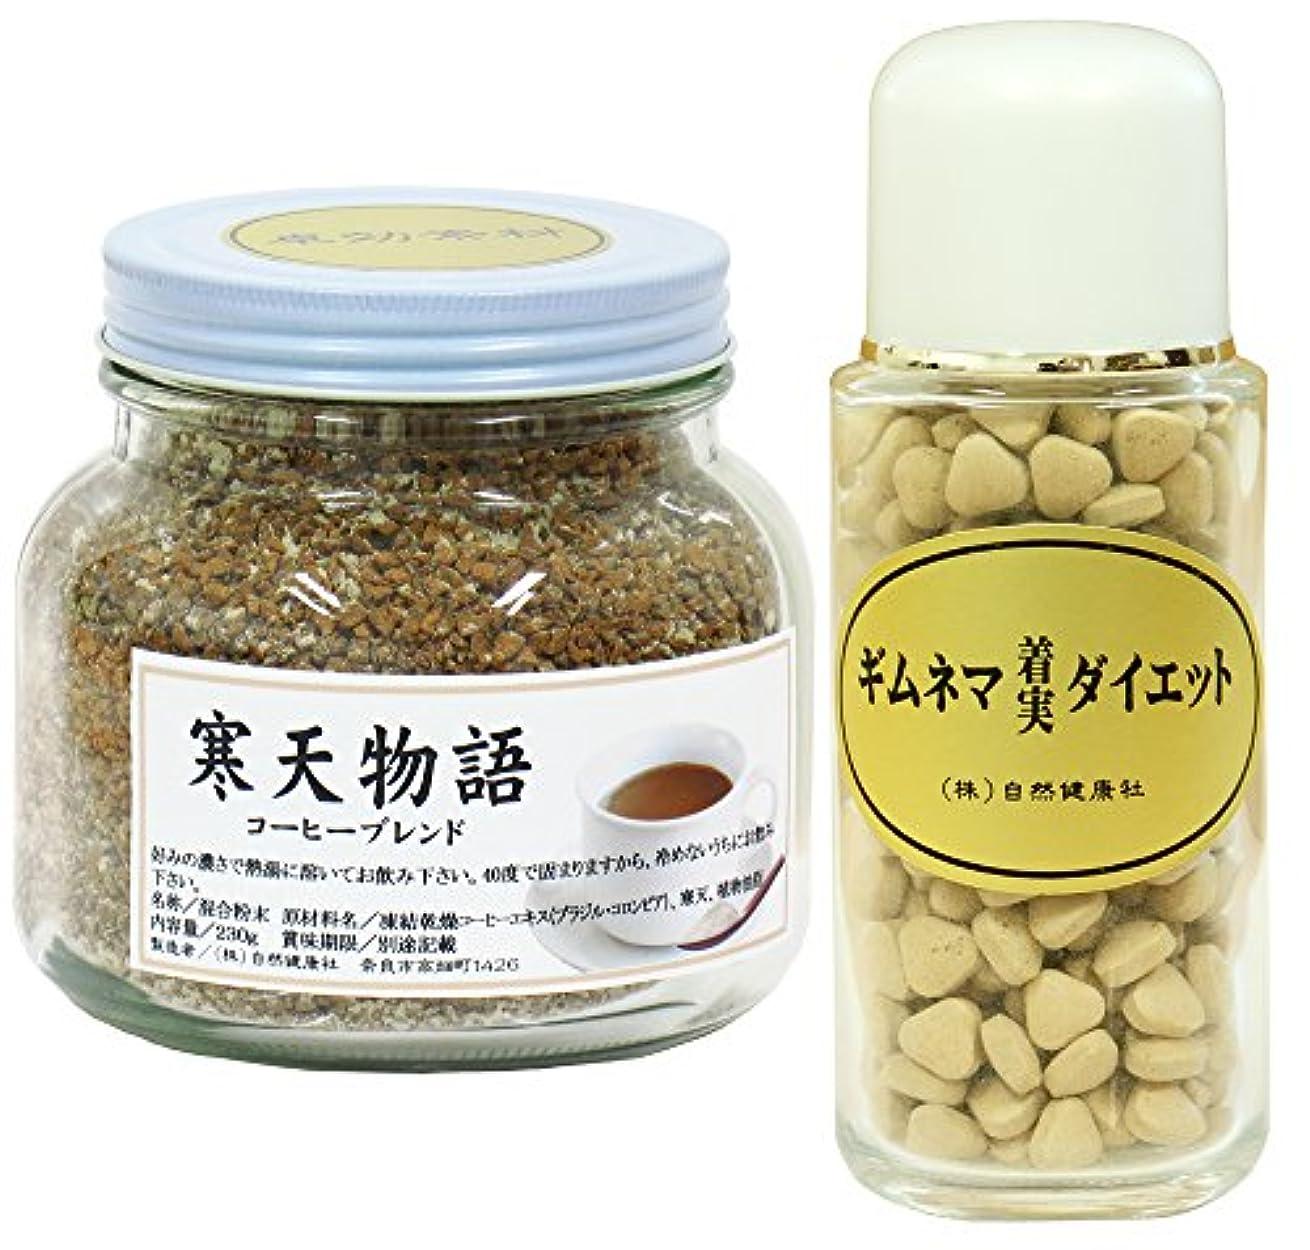 化学粘土ハブ自然健康社 寒天コーヒー 200g + ギムネマダイエット 90g